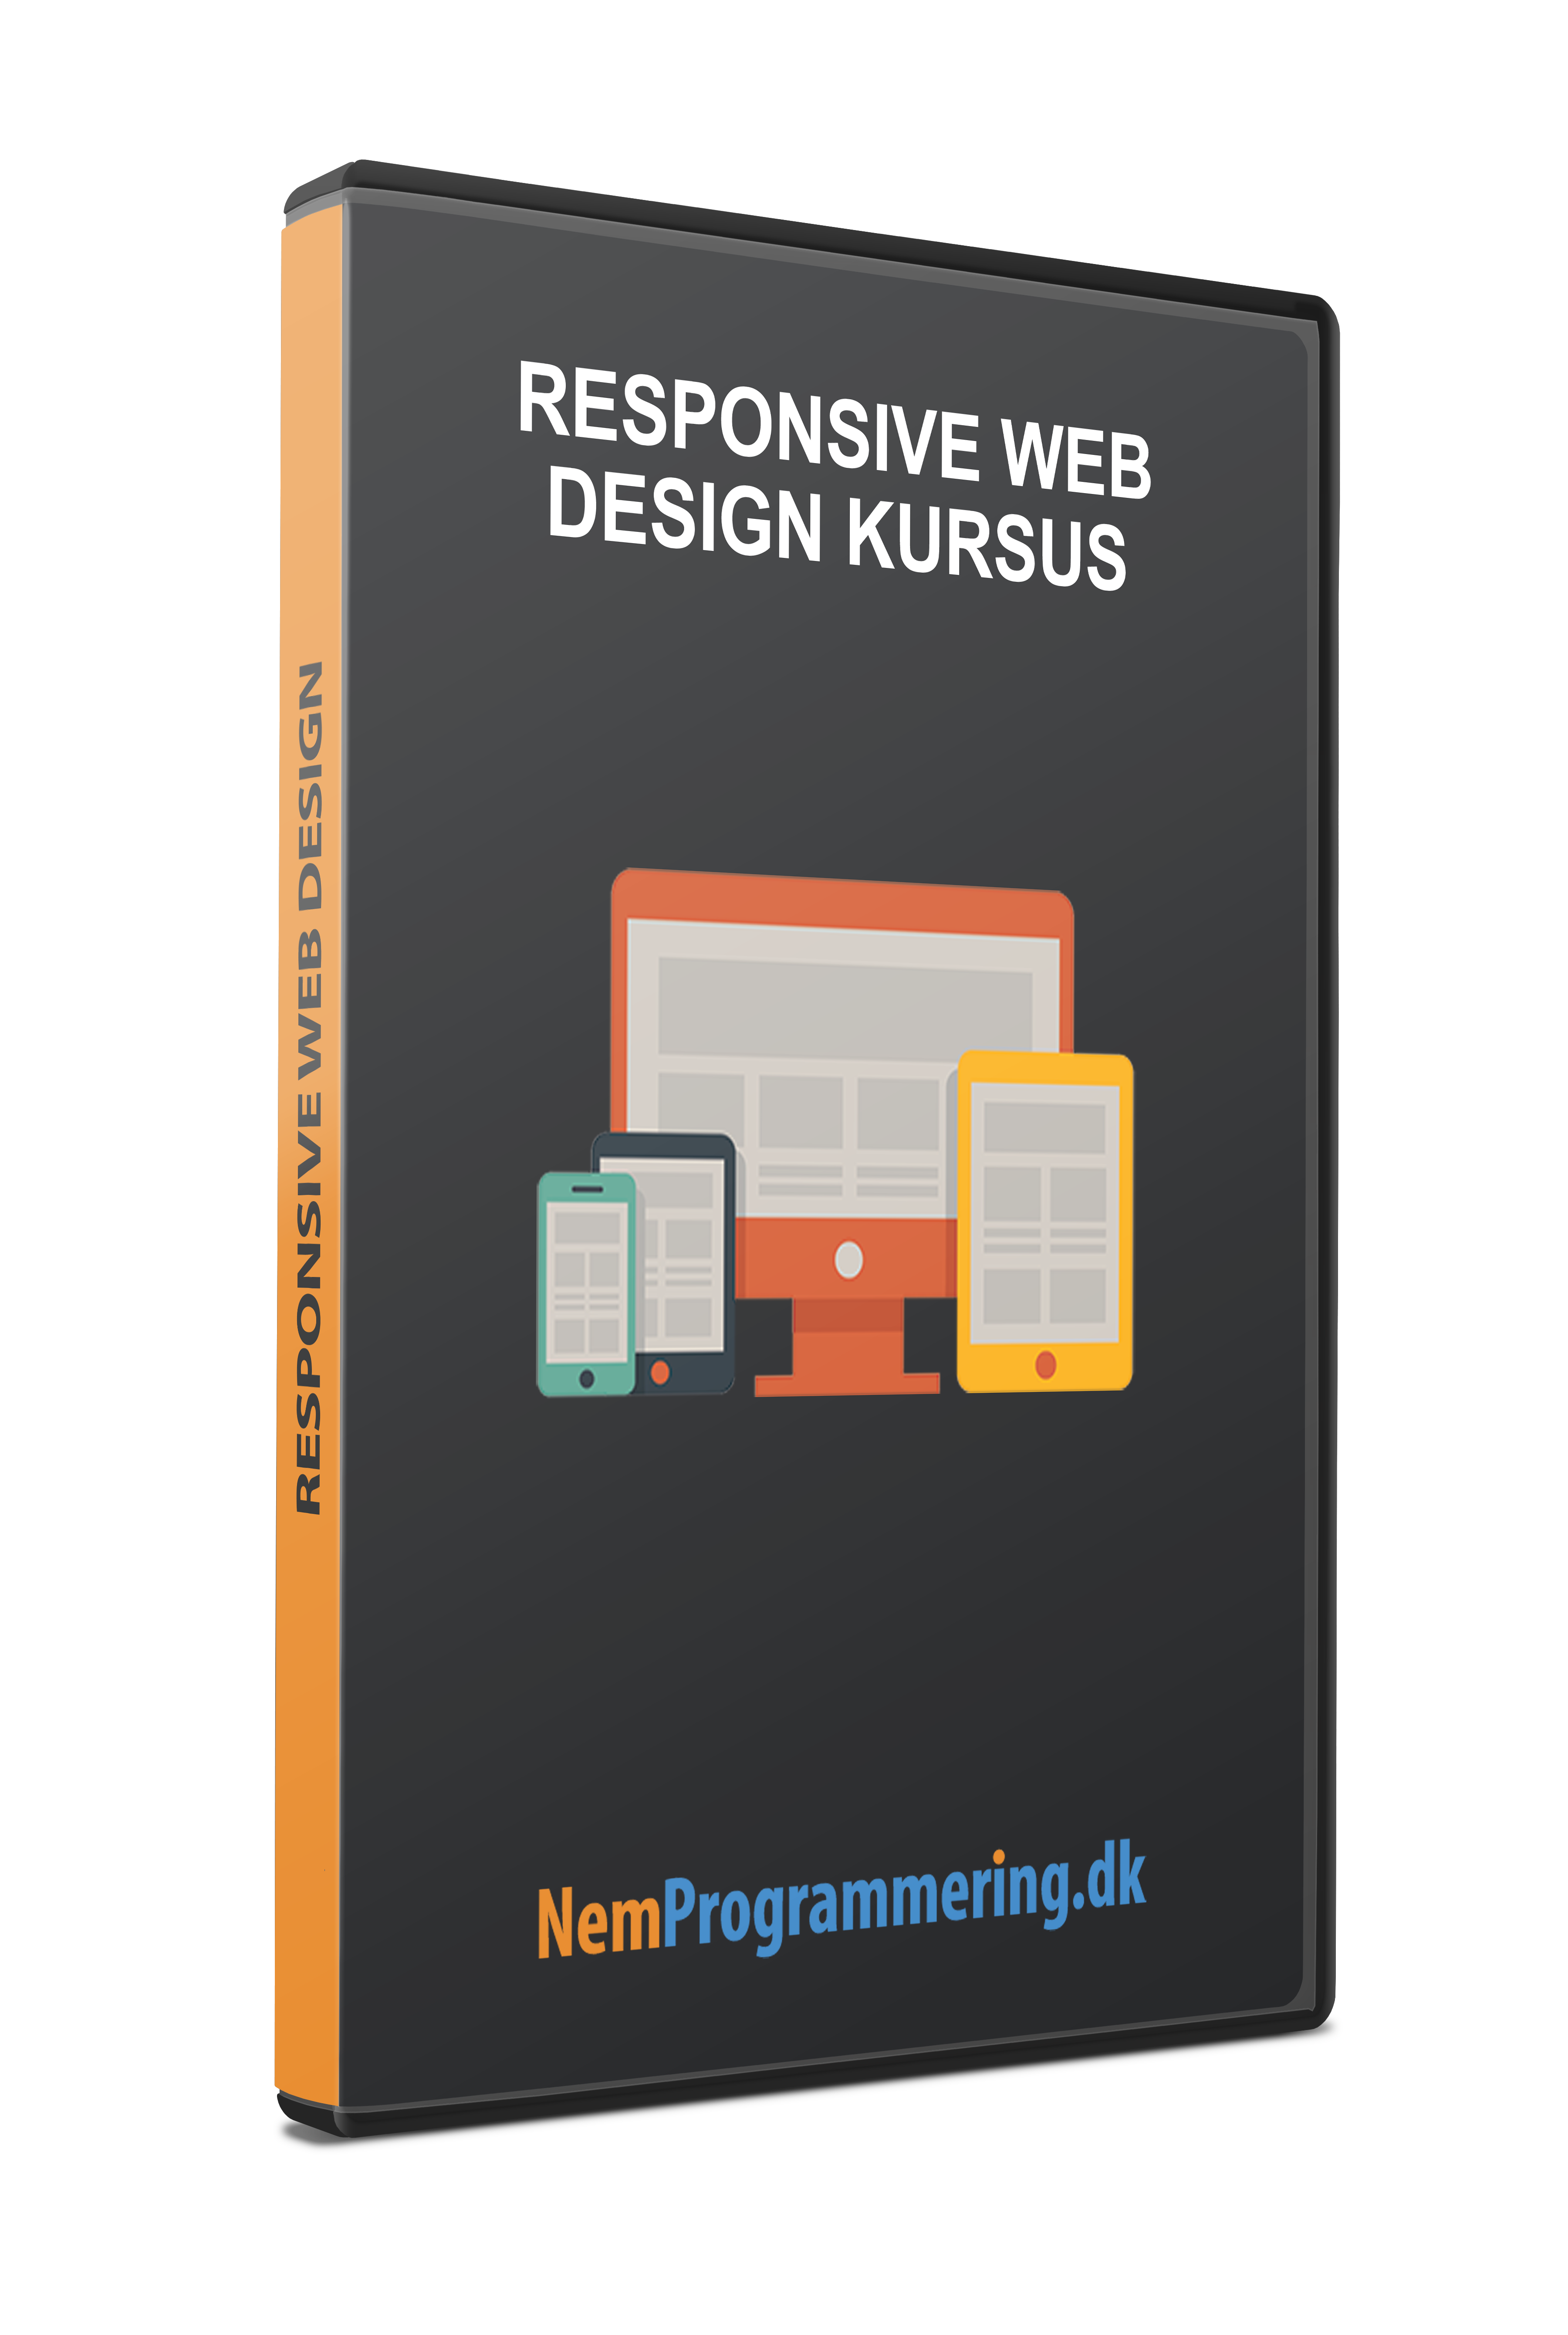 kurser kurser i webudvikling server side c